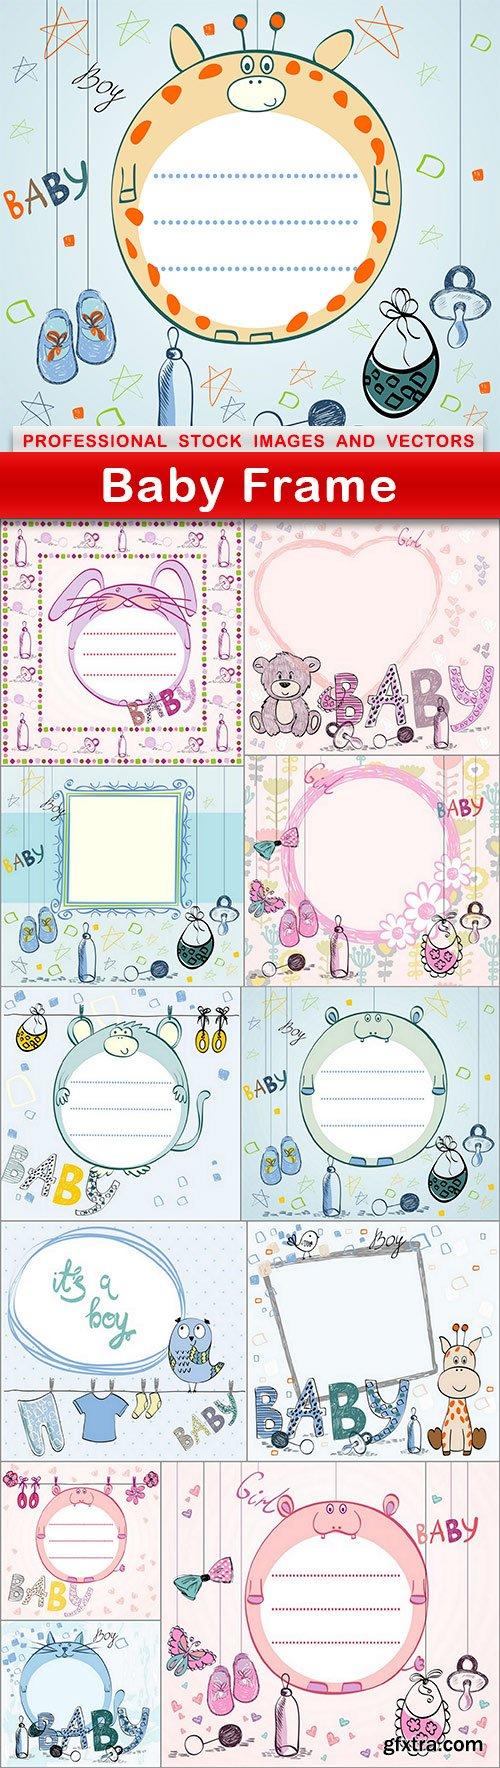 Baby Frame - 12 EPS